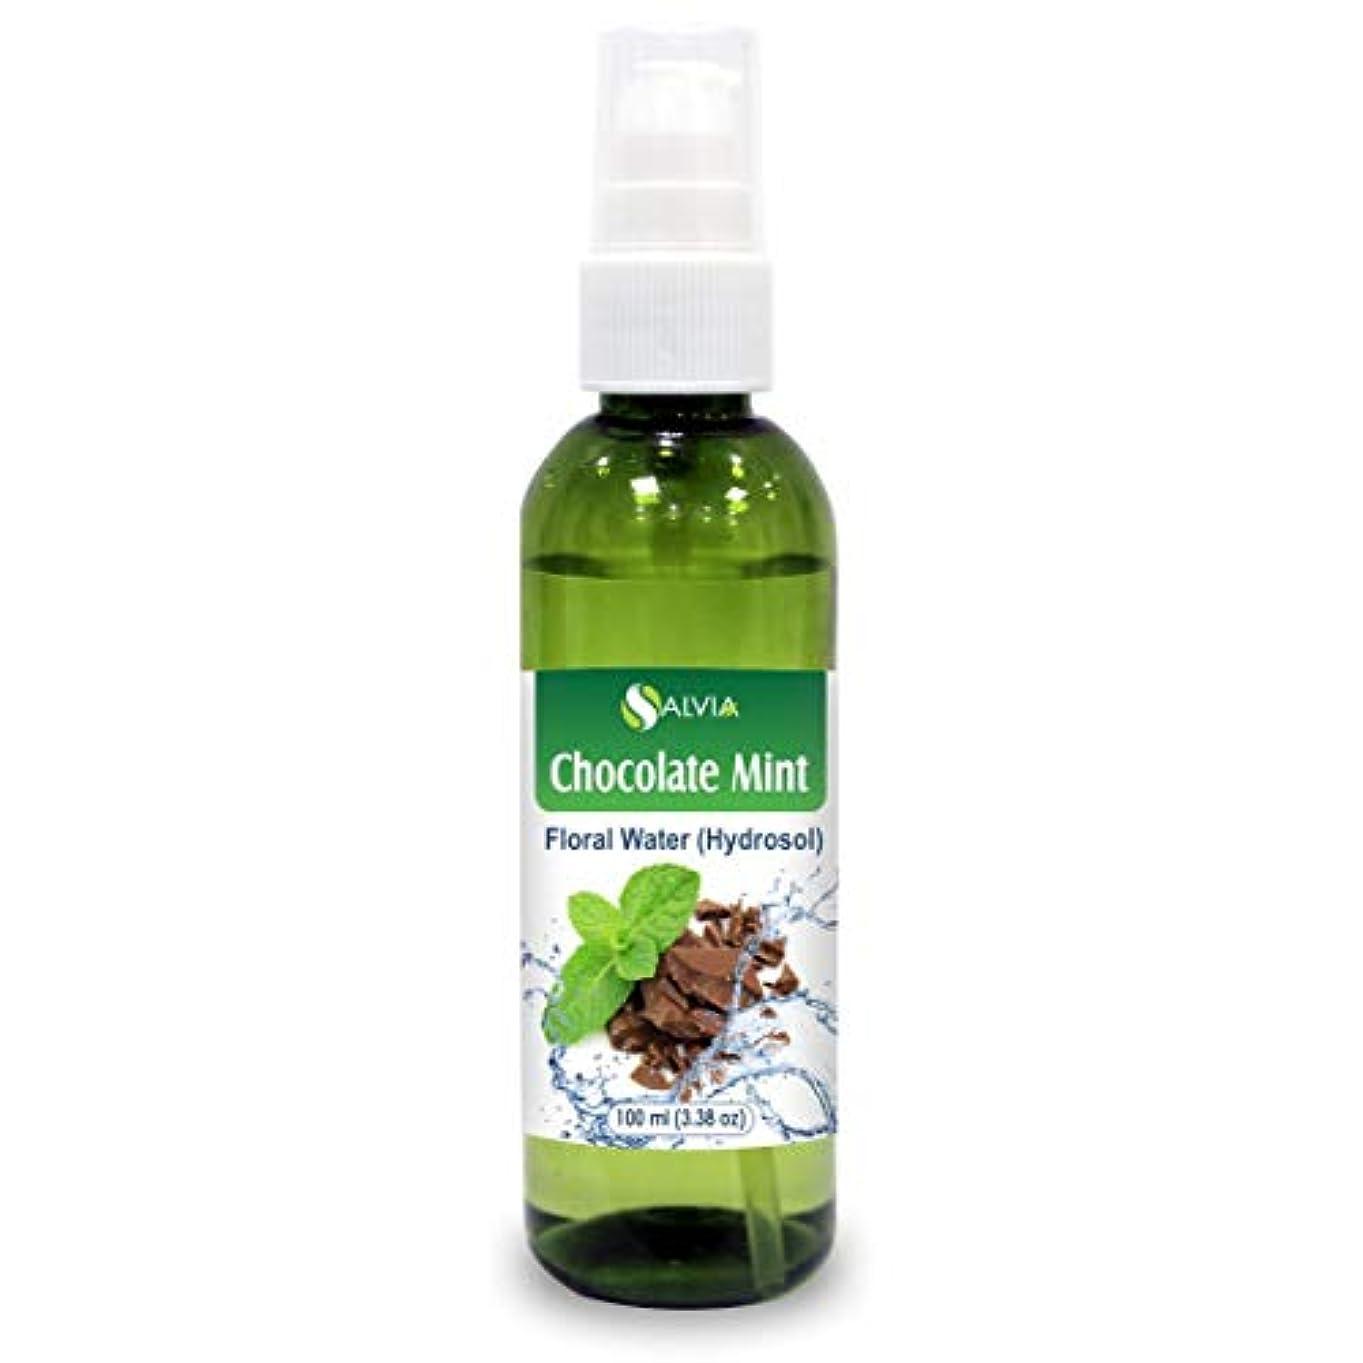 悪因子昆虫まさにChocolate Mint Floral Water 100ml (Hydrosol) 100% Pure And Natural